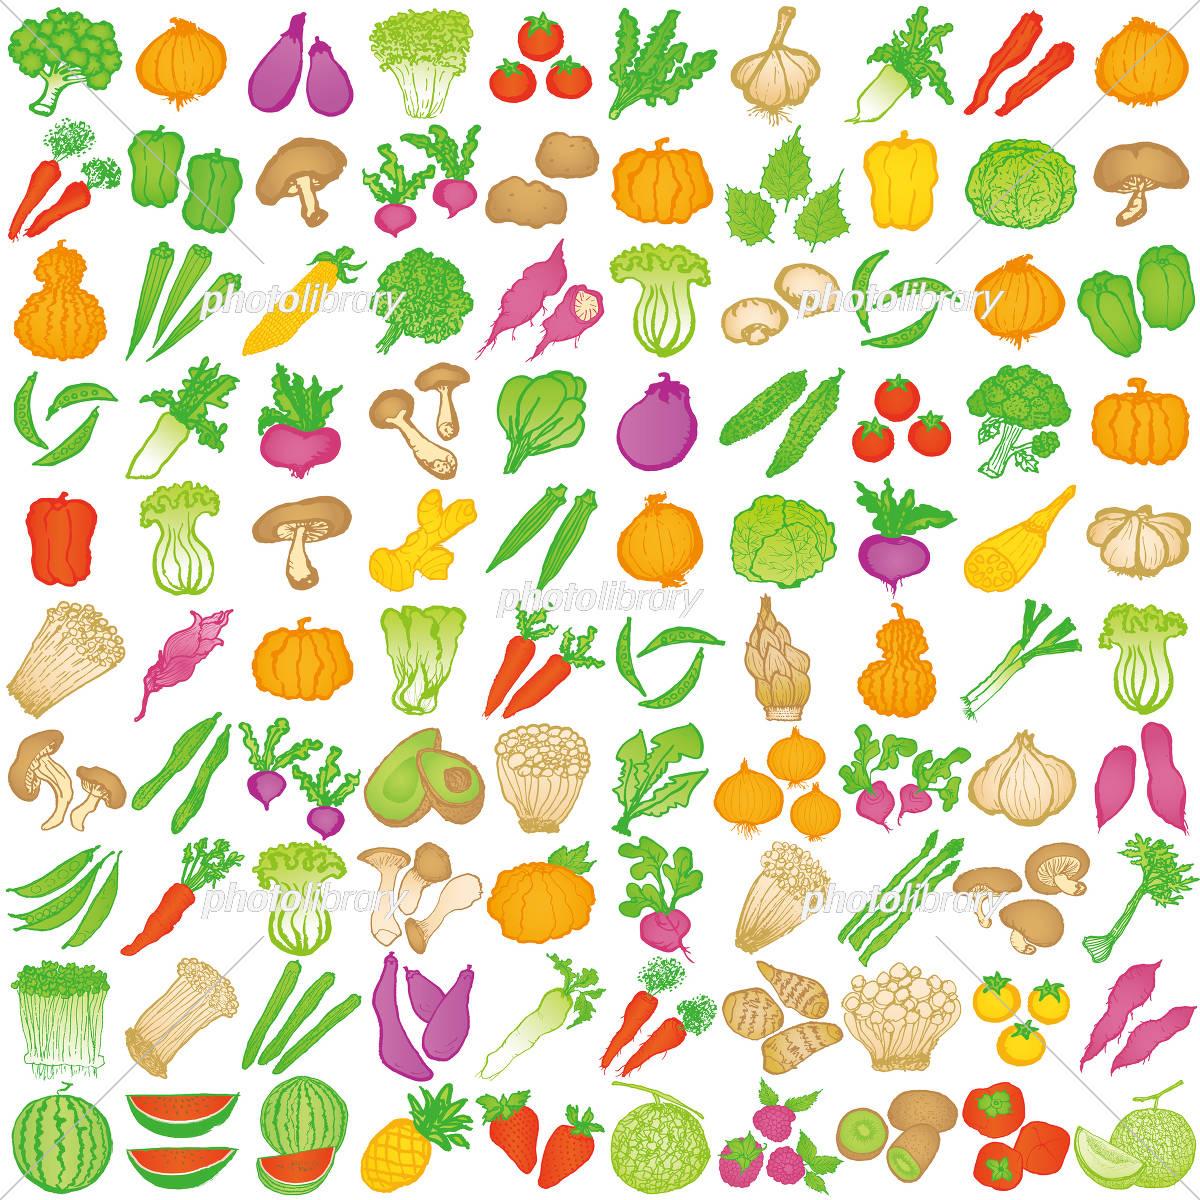 野菜 手書きアイコン 100種類 イラスト素材 5574884 フォトライブ